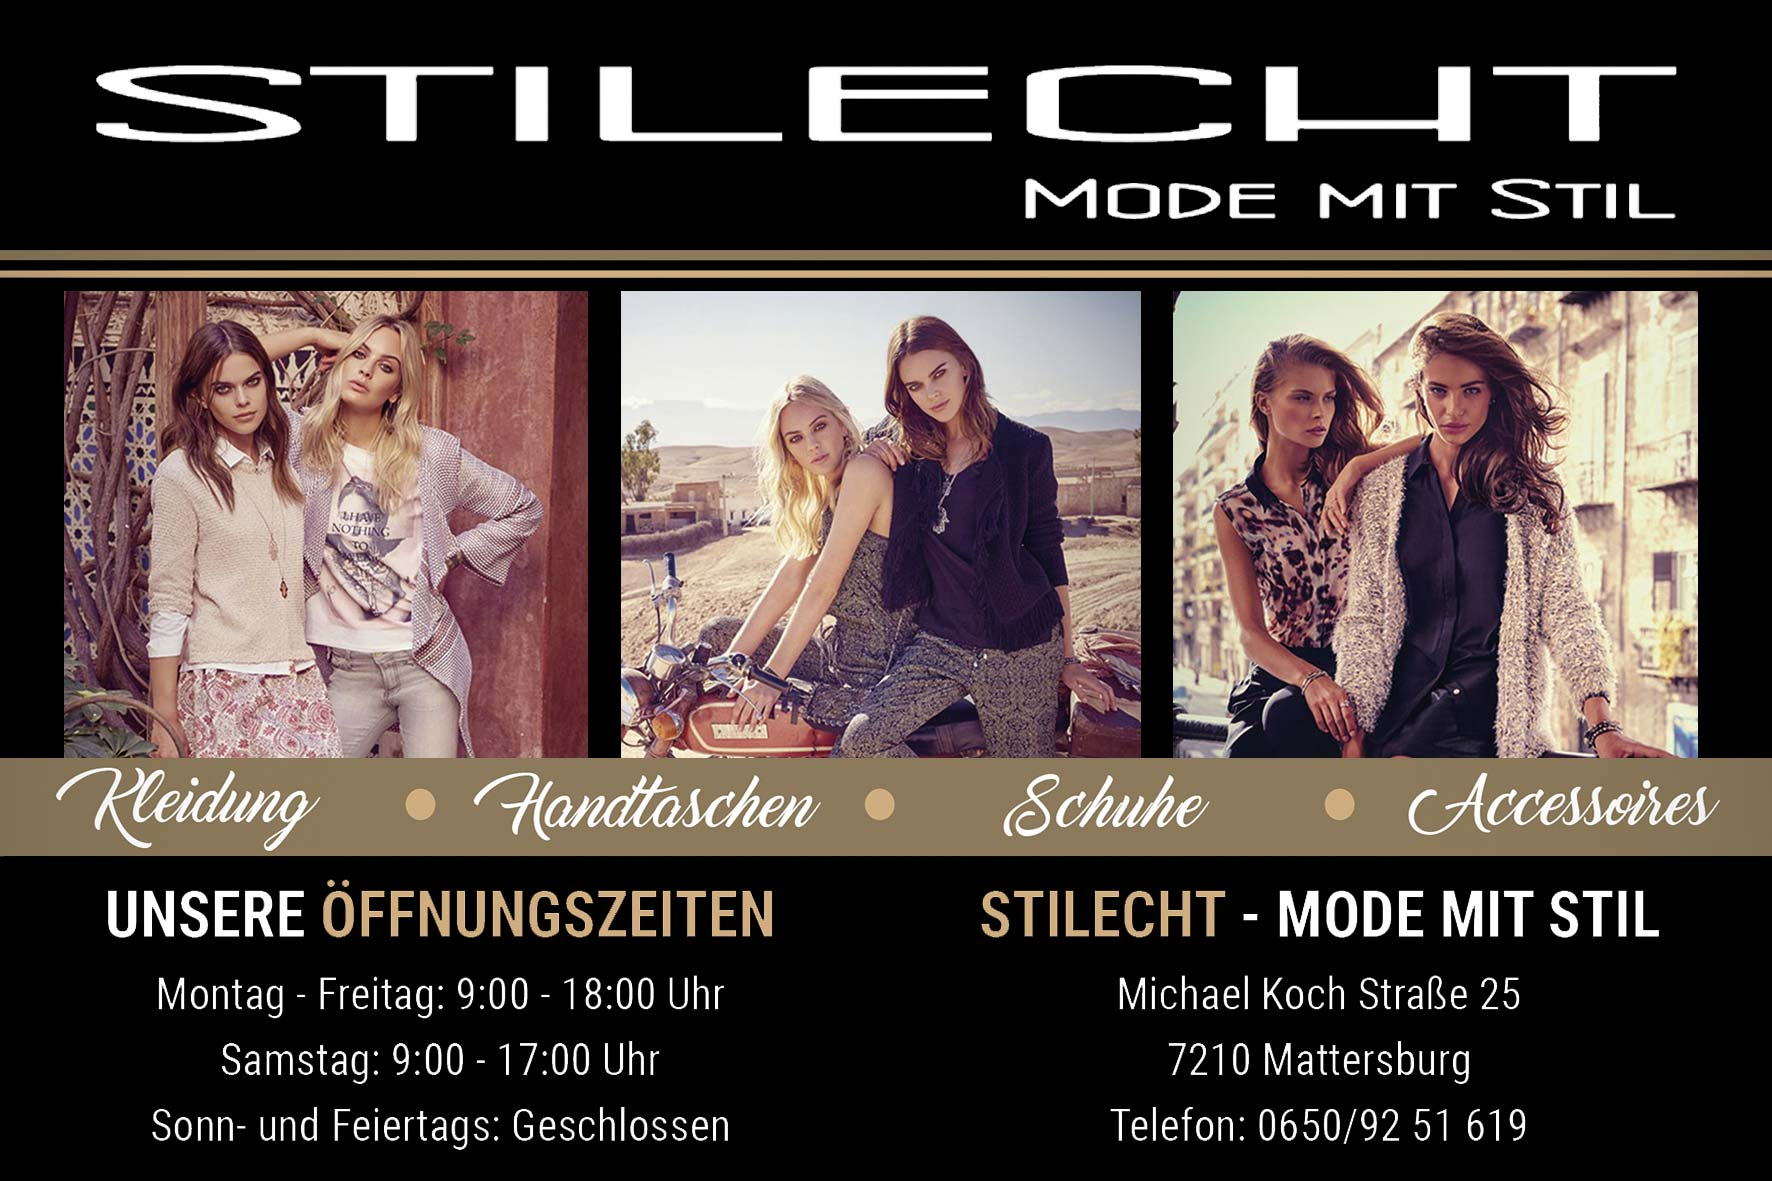 Eine Grafik für das Modefachgeschäft Stilecht in Mattersburg